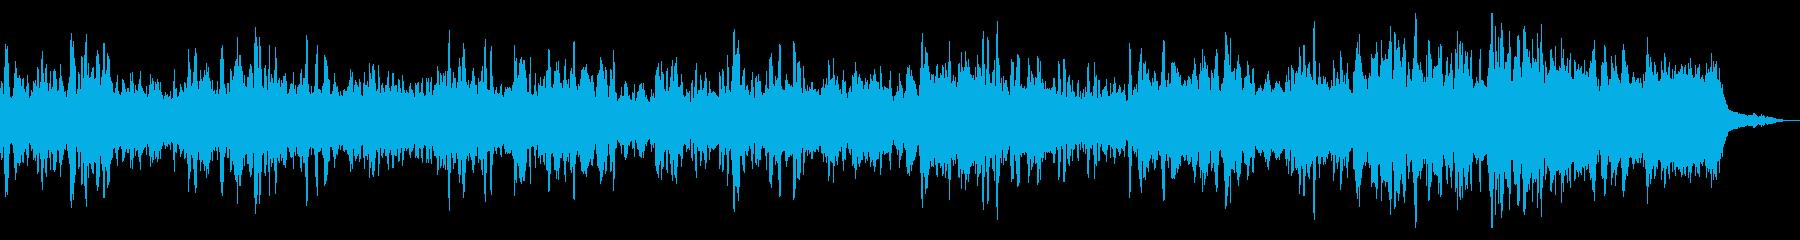 宇宙的な牧歌2の再生済みの波形